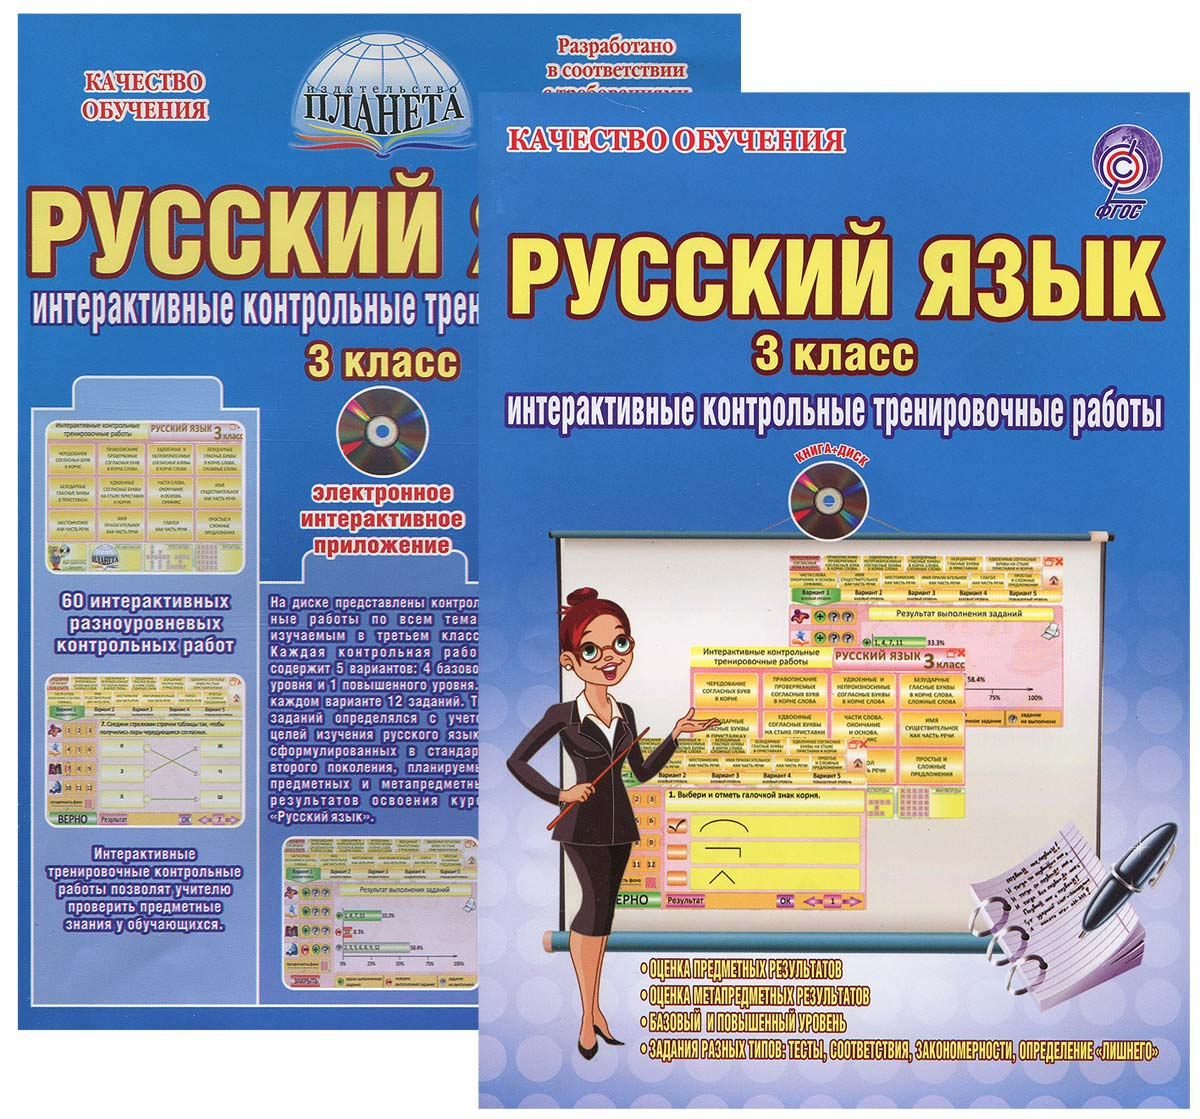 Русский язык. 3 класс. Интерактивные контрольные тренировочные работы. Дидактическое пособие с электронным интерактивным приложением (+ CD)